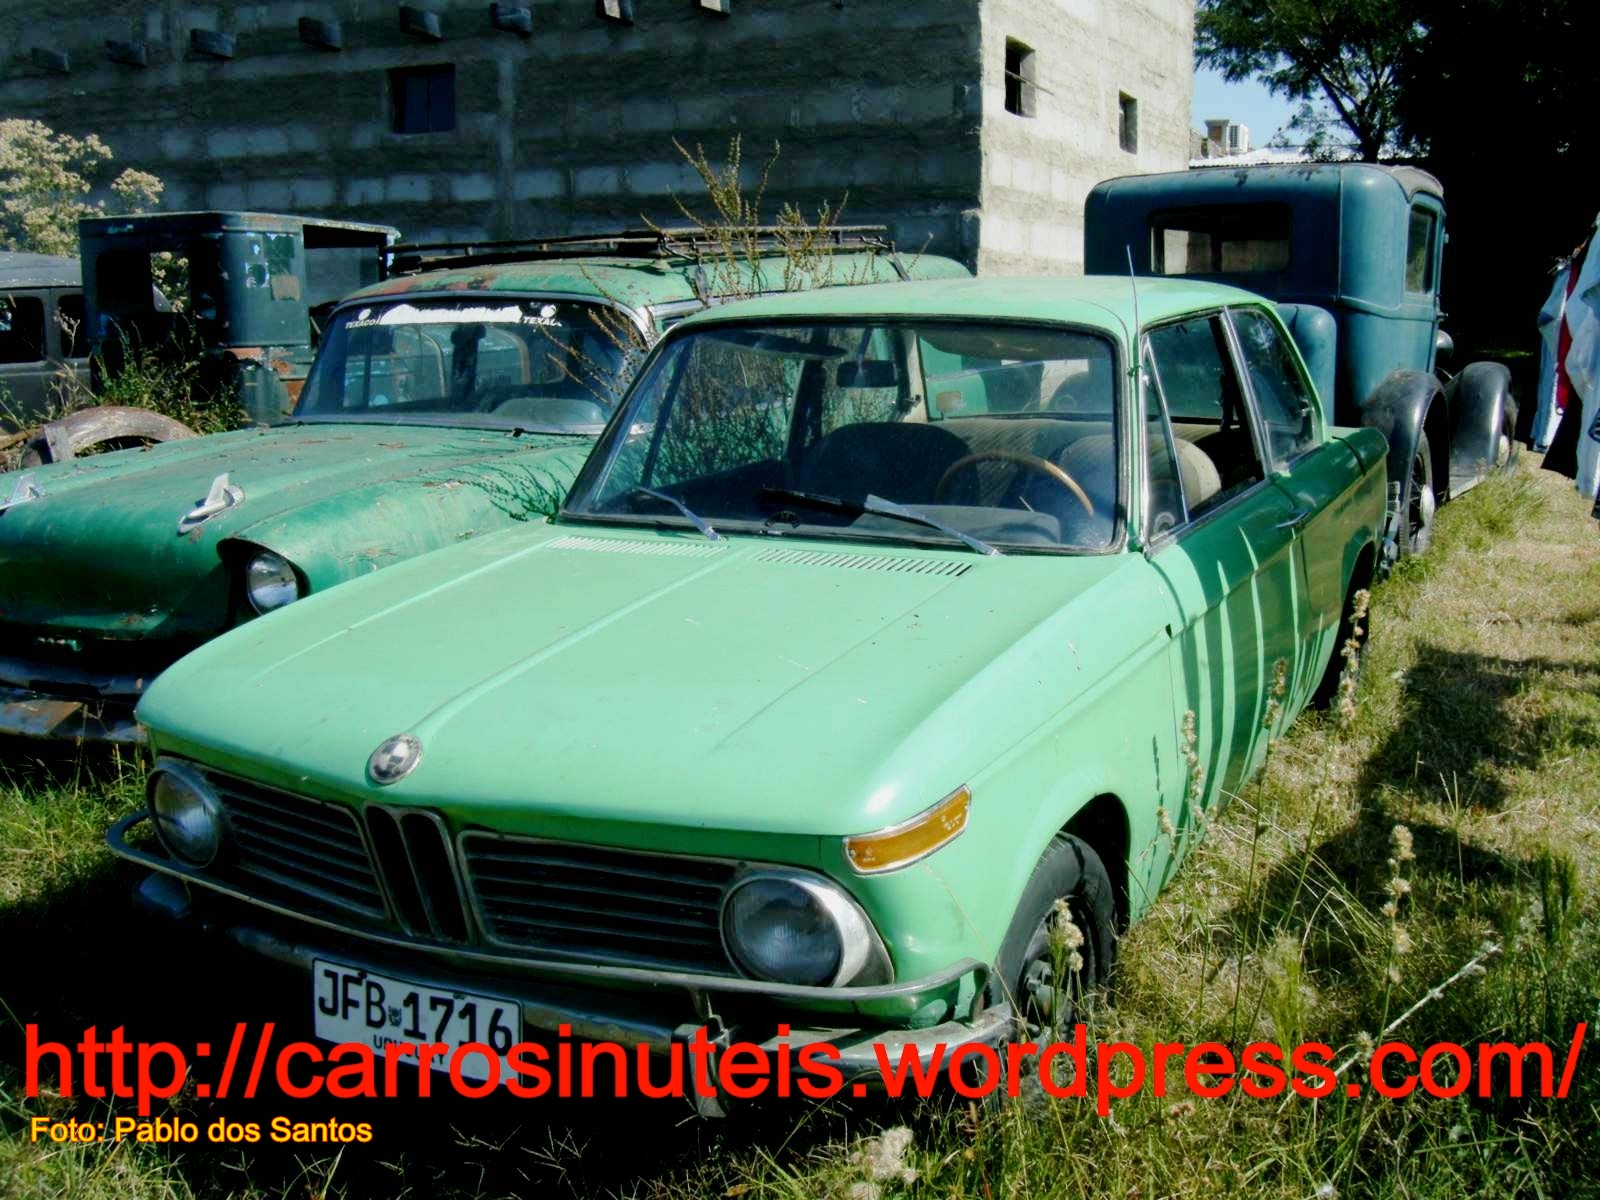 pablo-dos-santos-bmw-1970 BMW 2002 1970